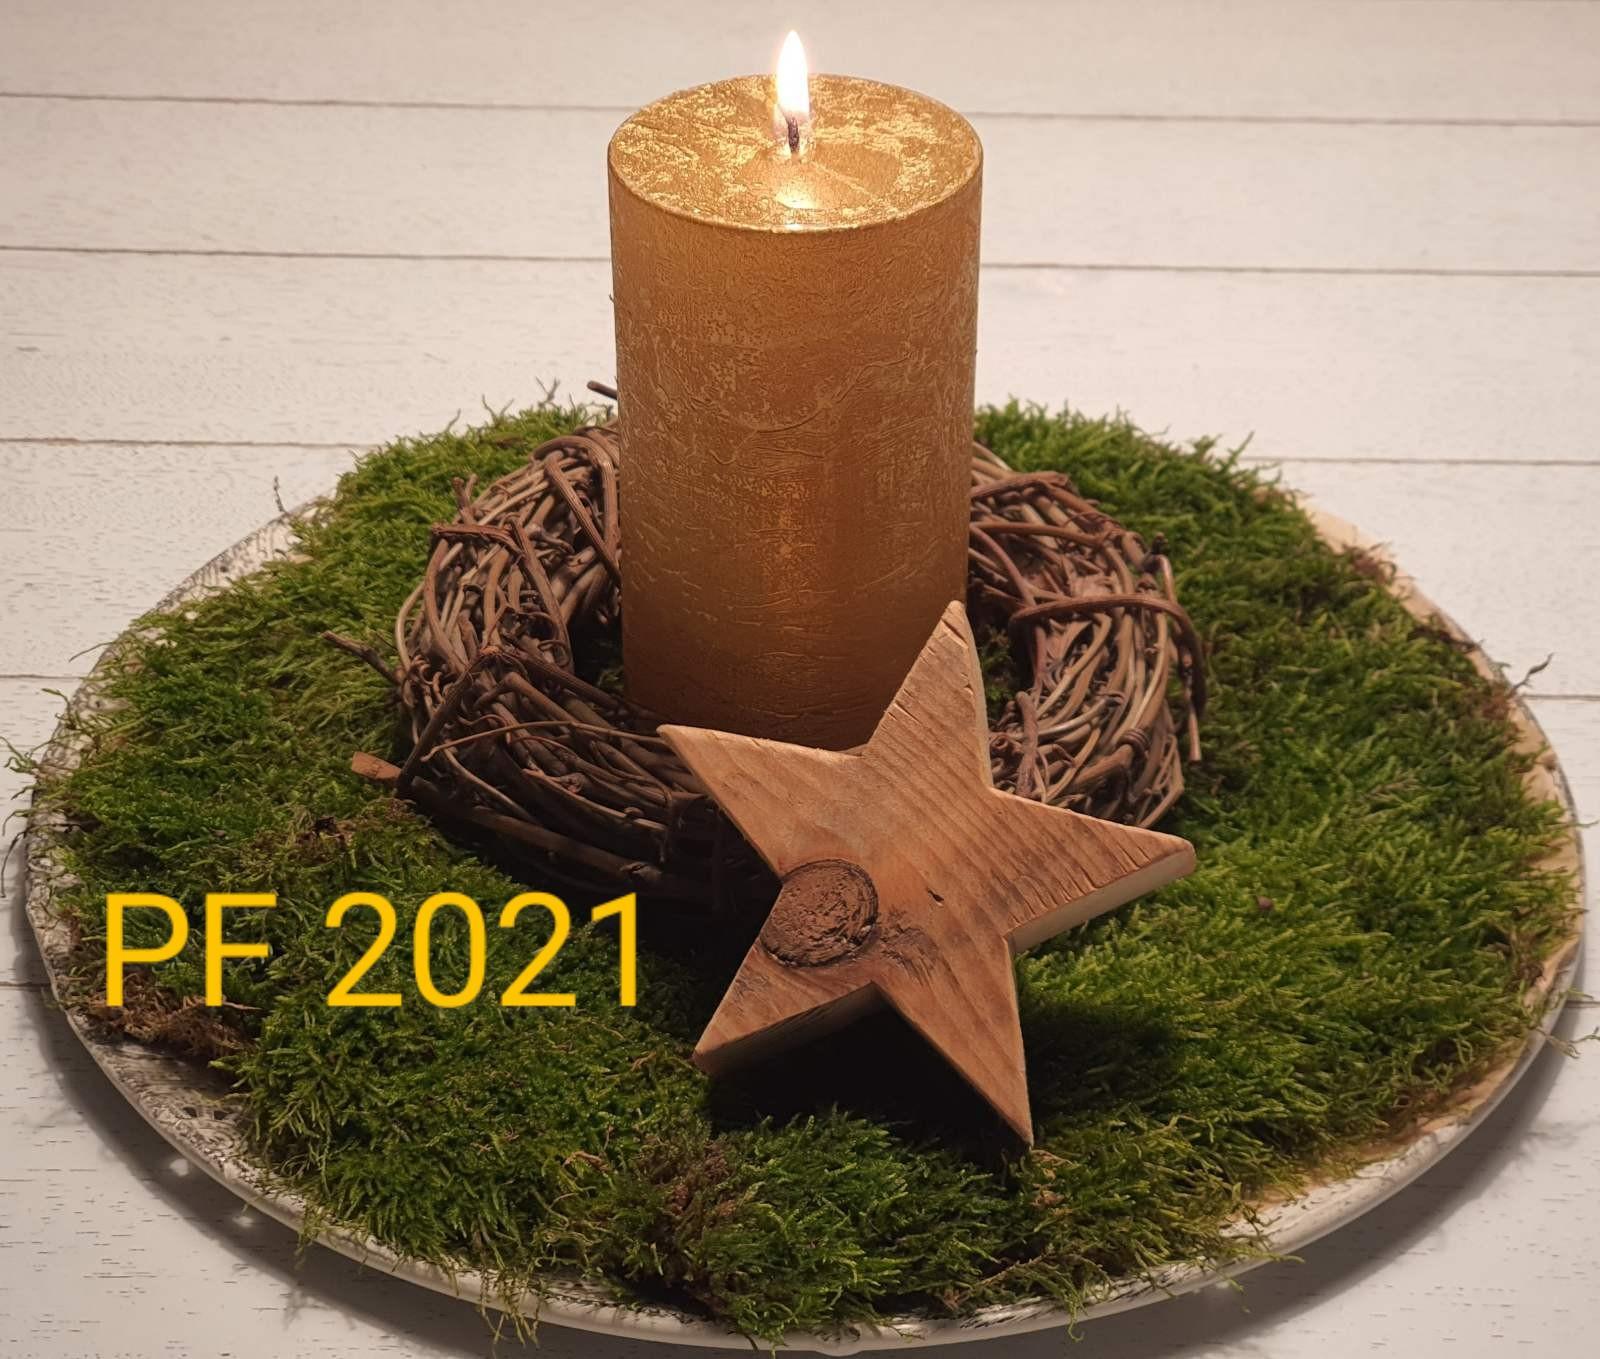 Vianočné dekorácie,advent a vianoce 2020 - Obrázok č. 52